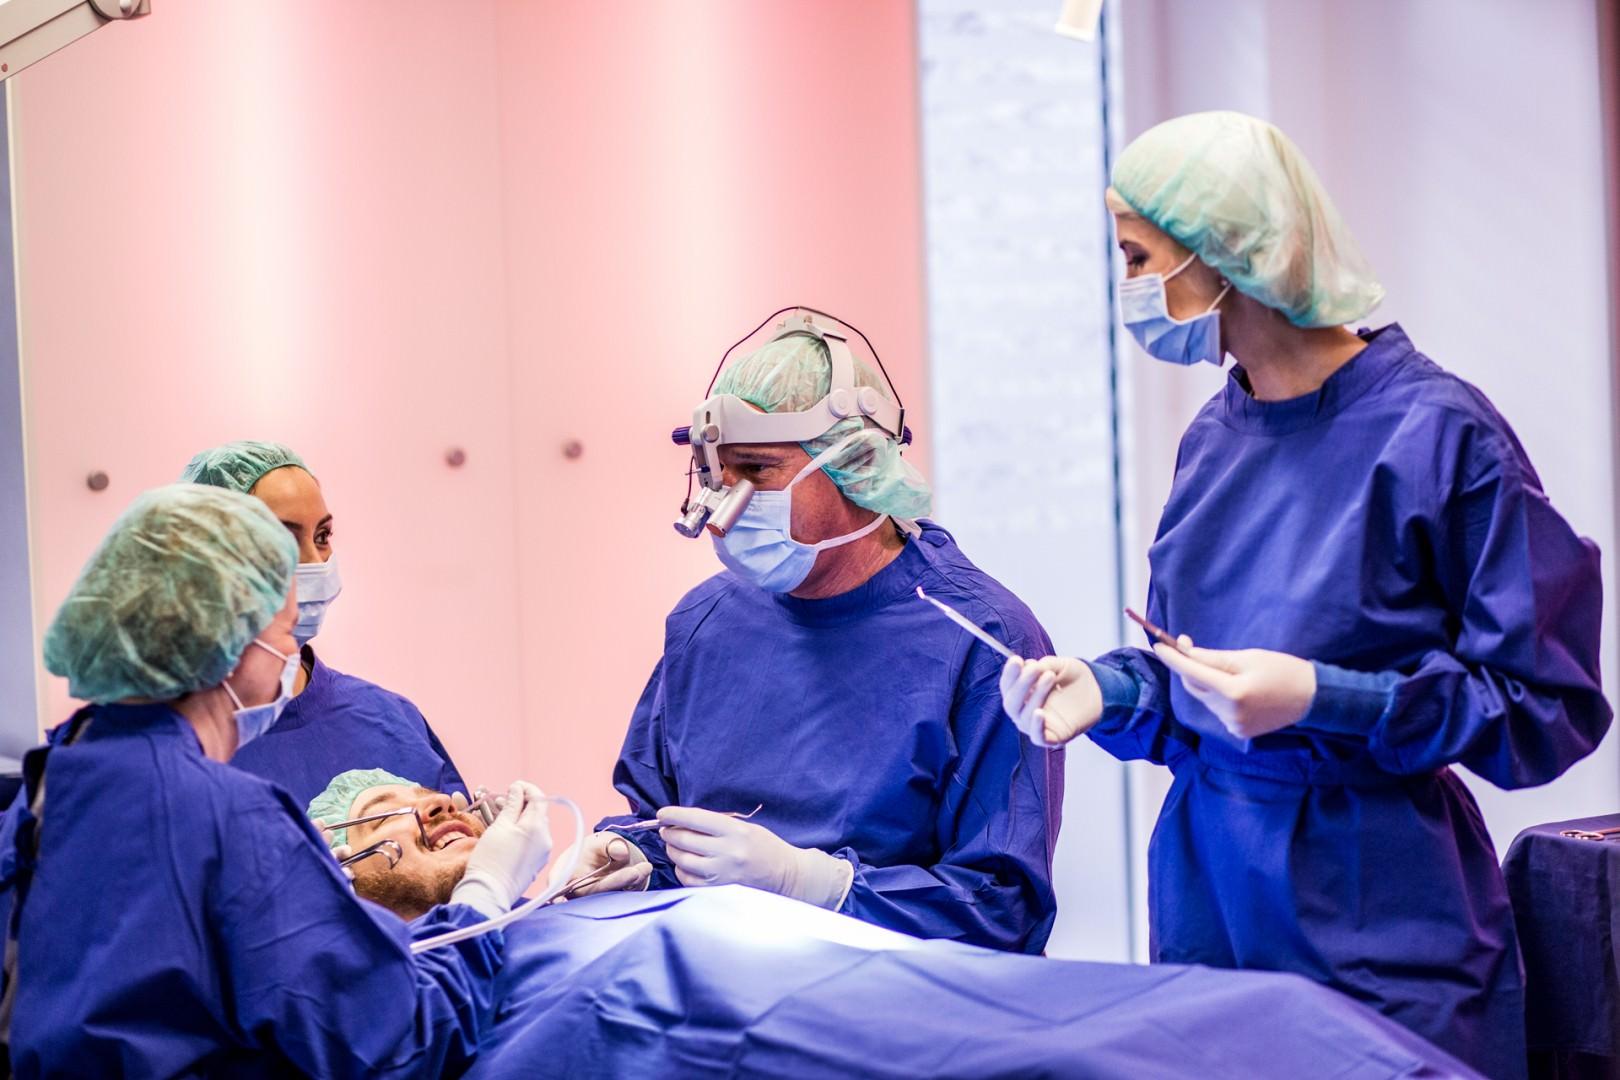 Foto des OP-Teams während der OP eines Patienten